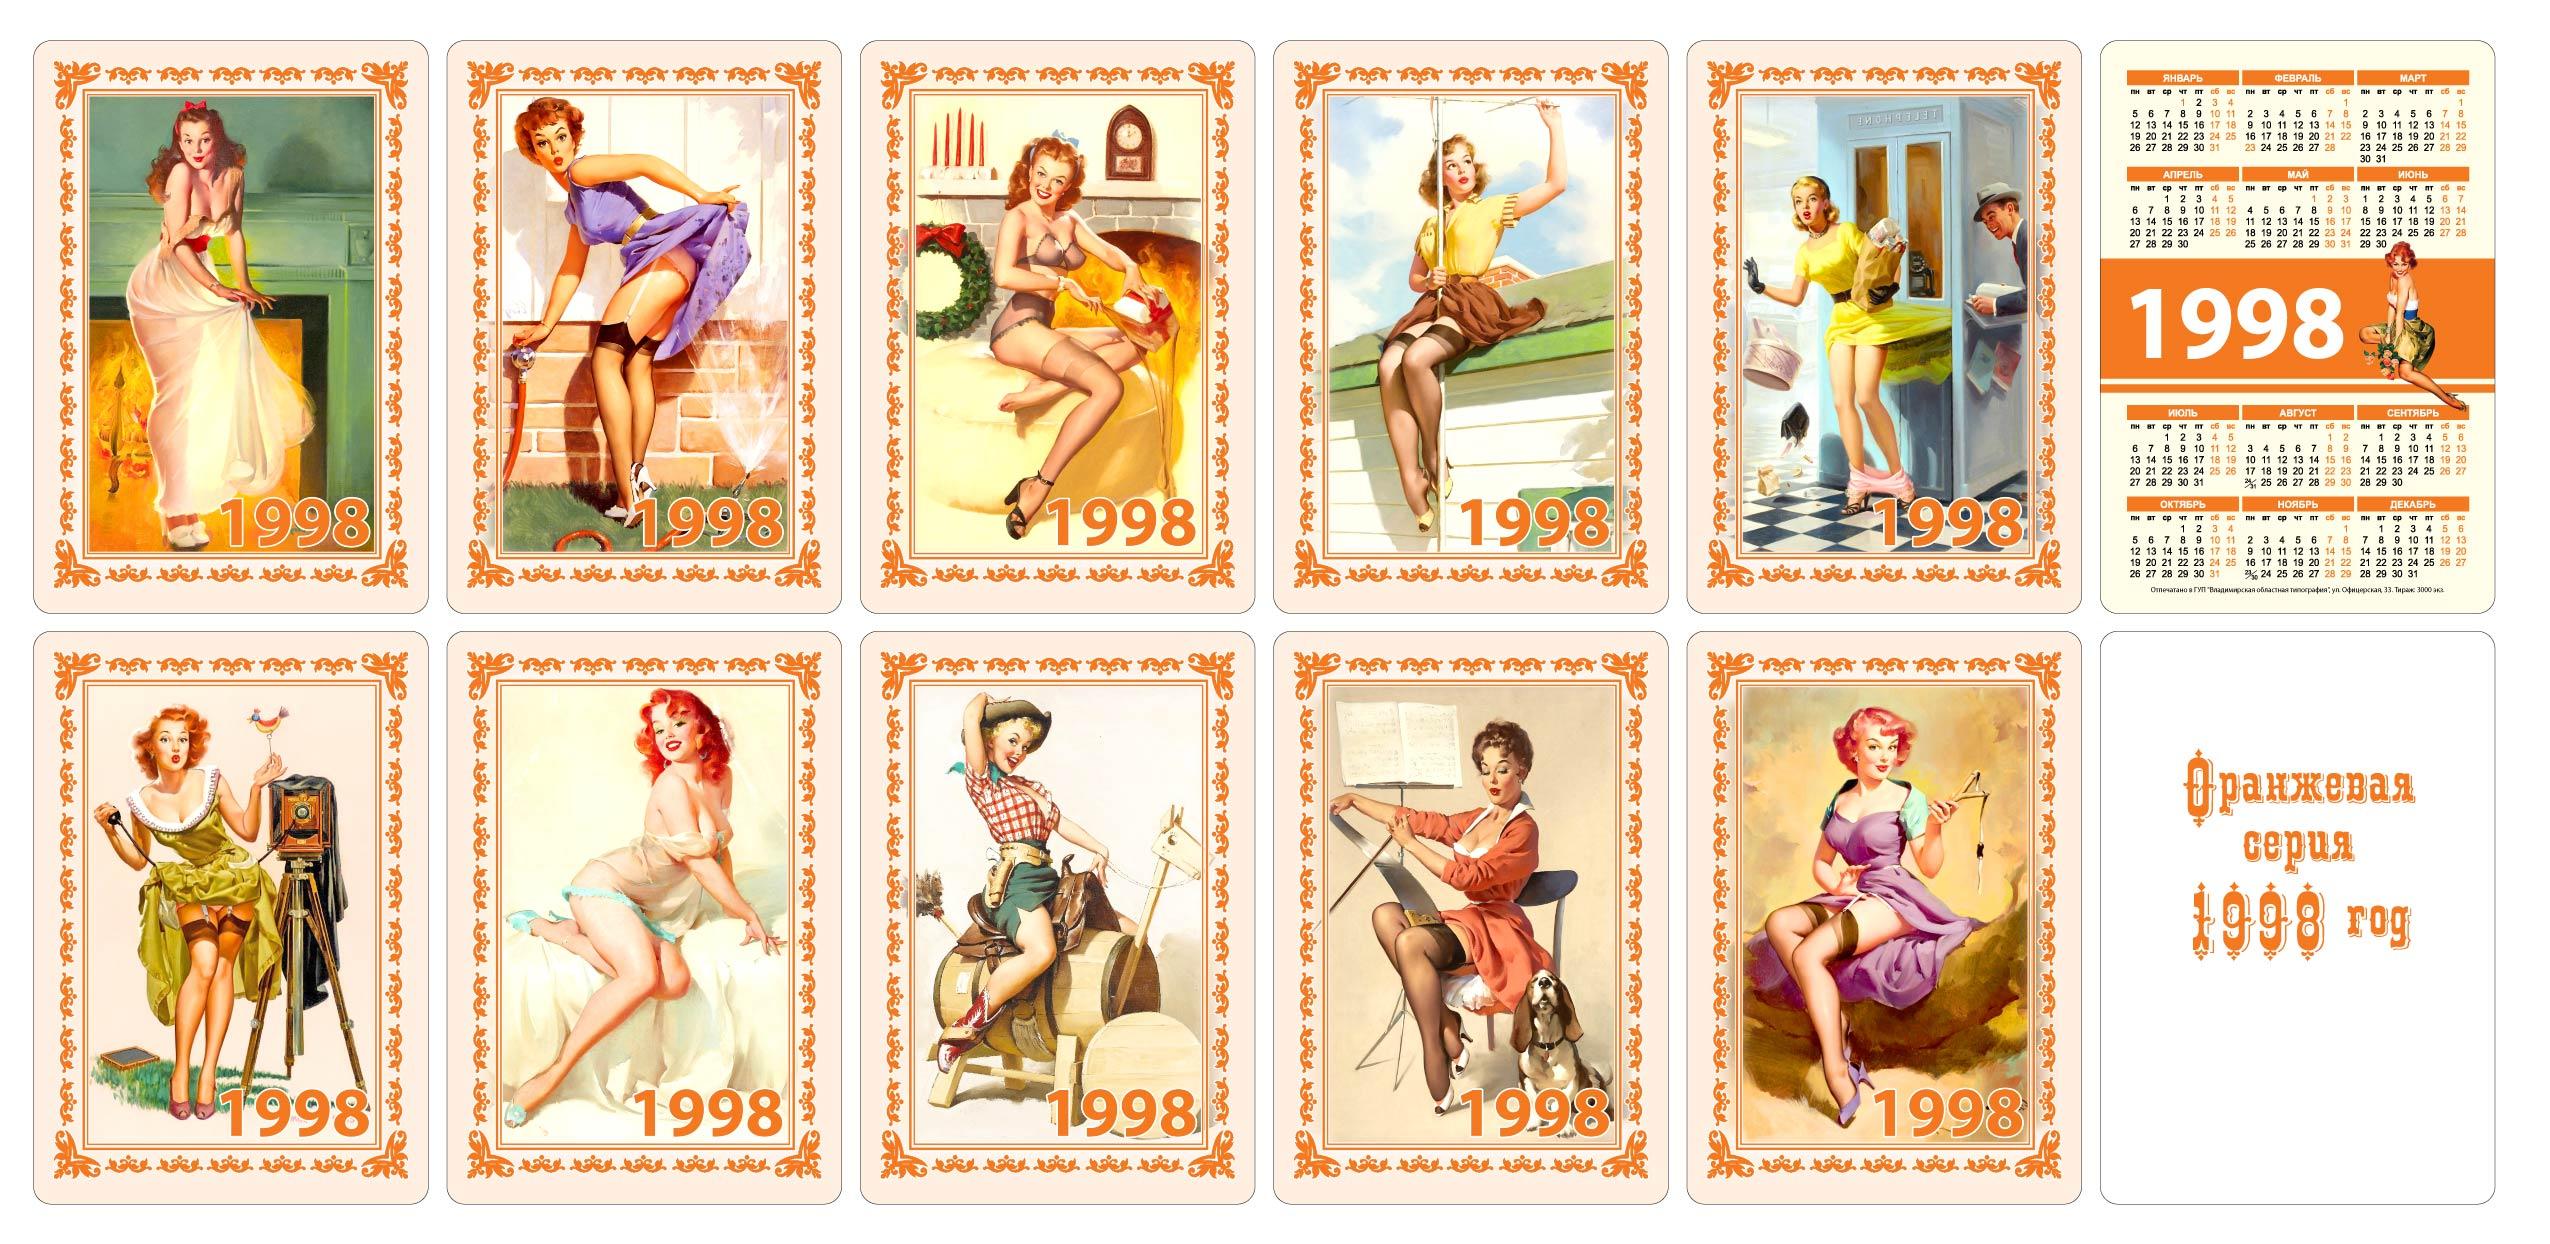 Карманные календарики серии пин-ап - Оранжевая серия